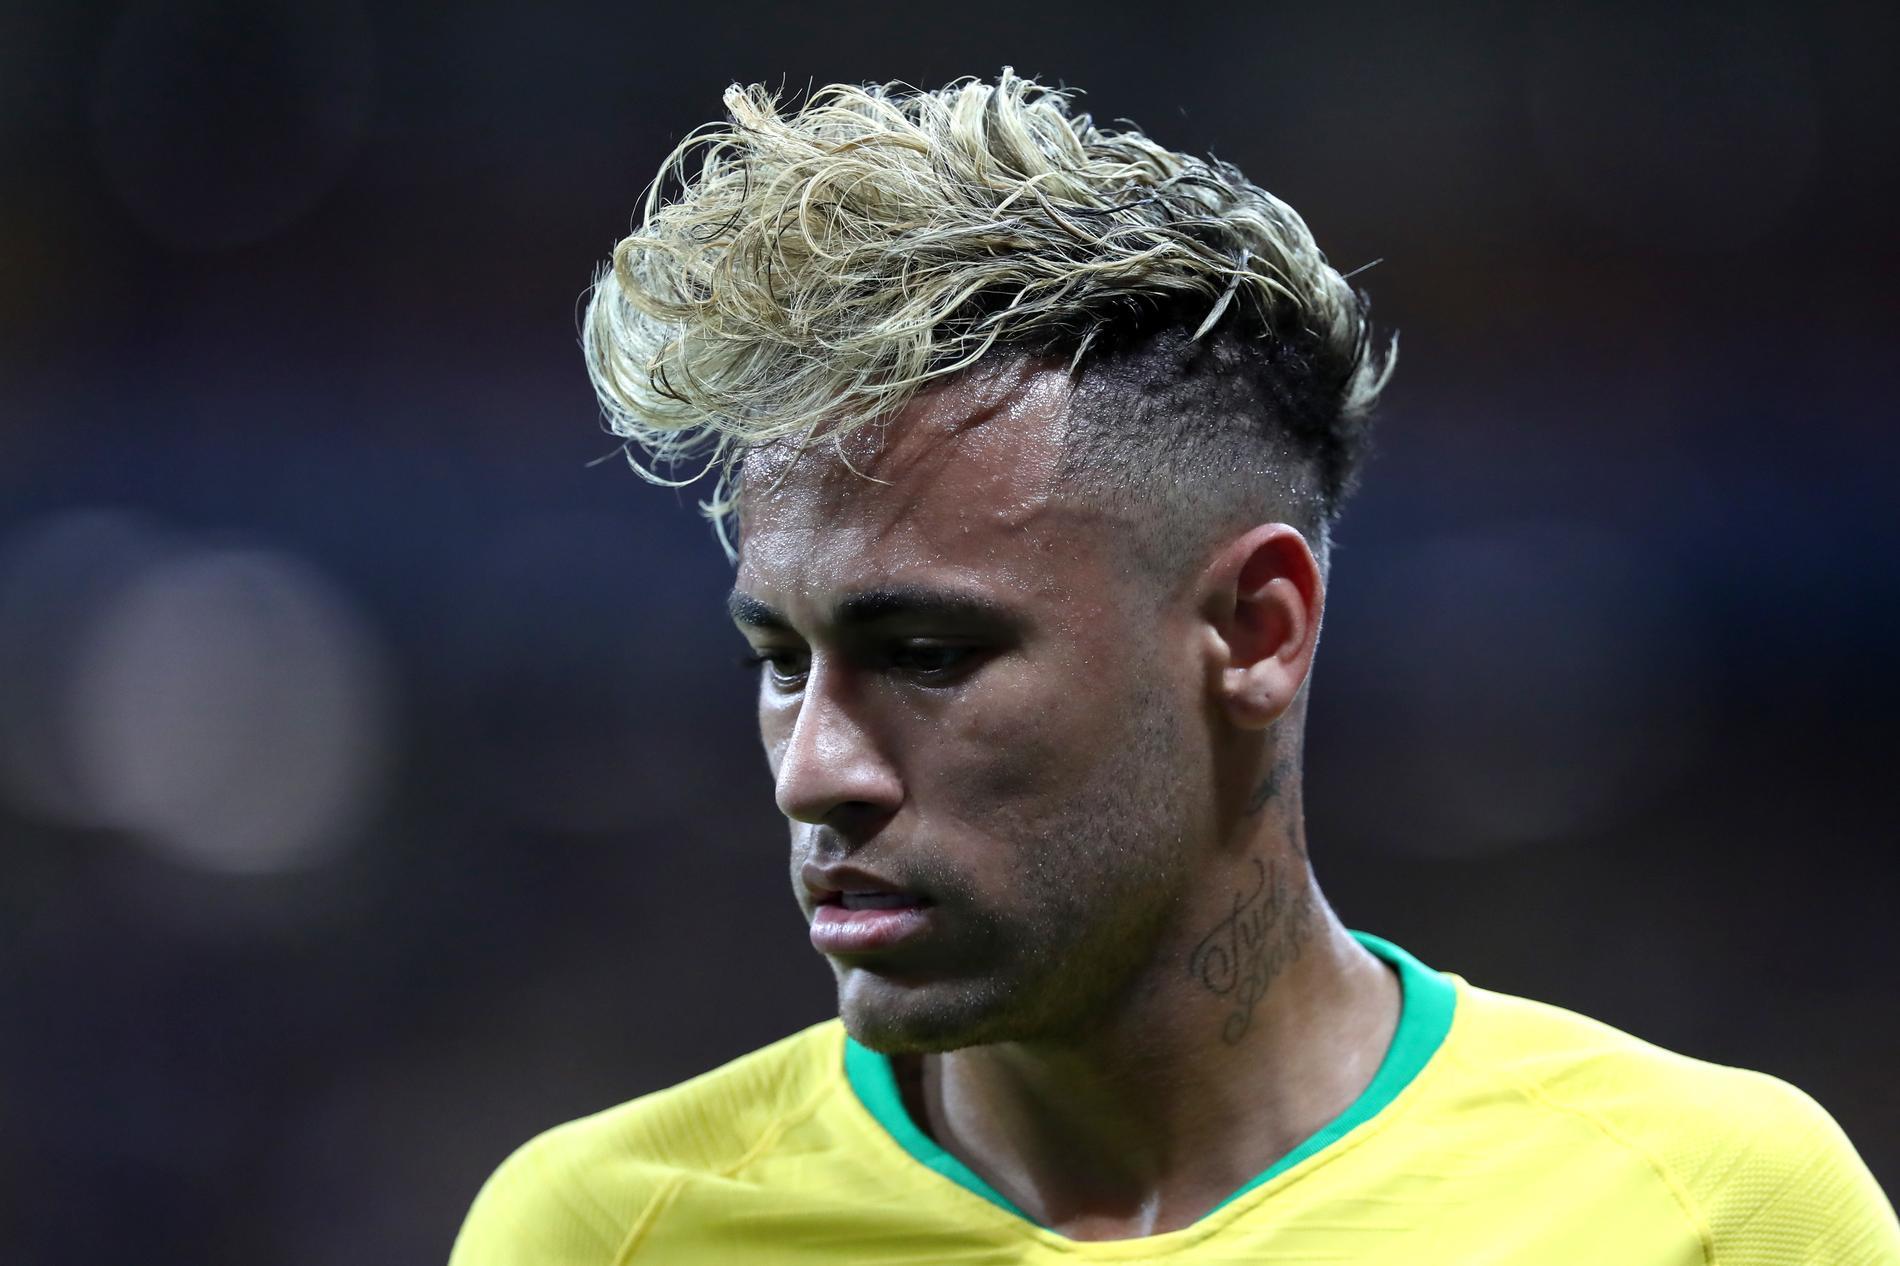 Neymar et sa crête blonde si commentée pendant la coupe du monde, le 17  juin 2018 à Rostov,sur,le,Don, en Russie.